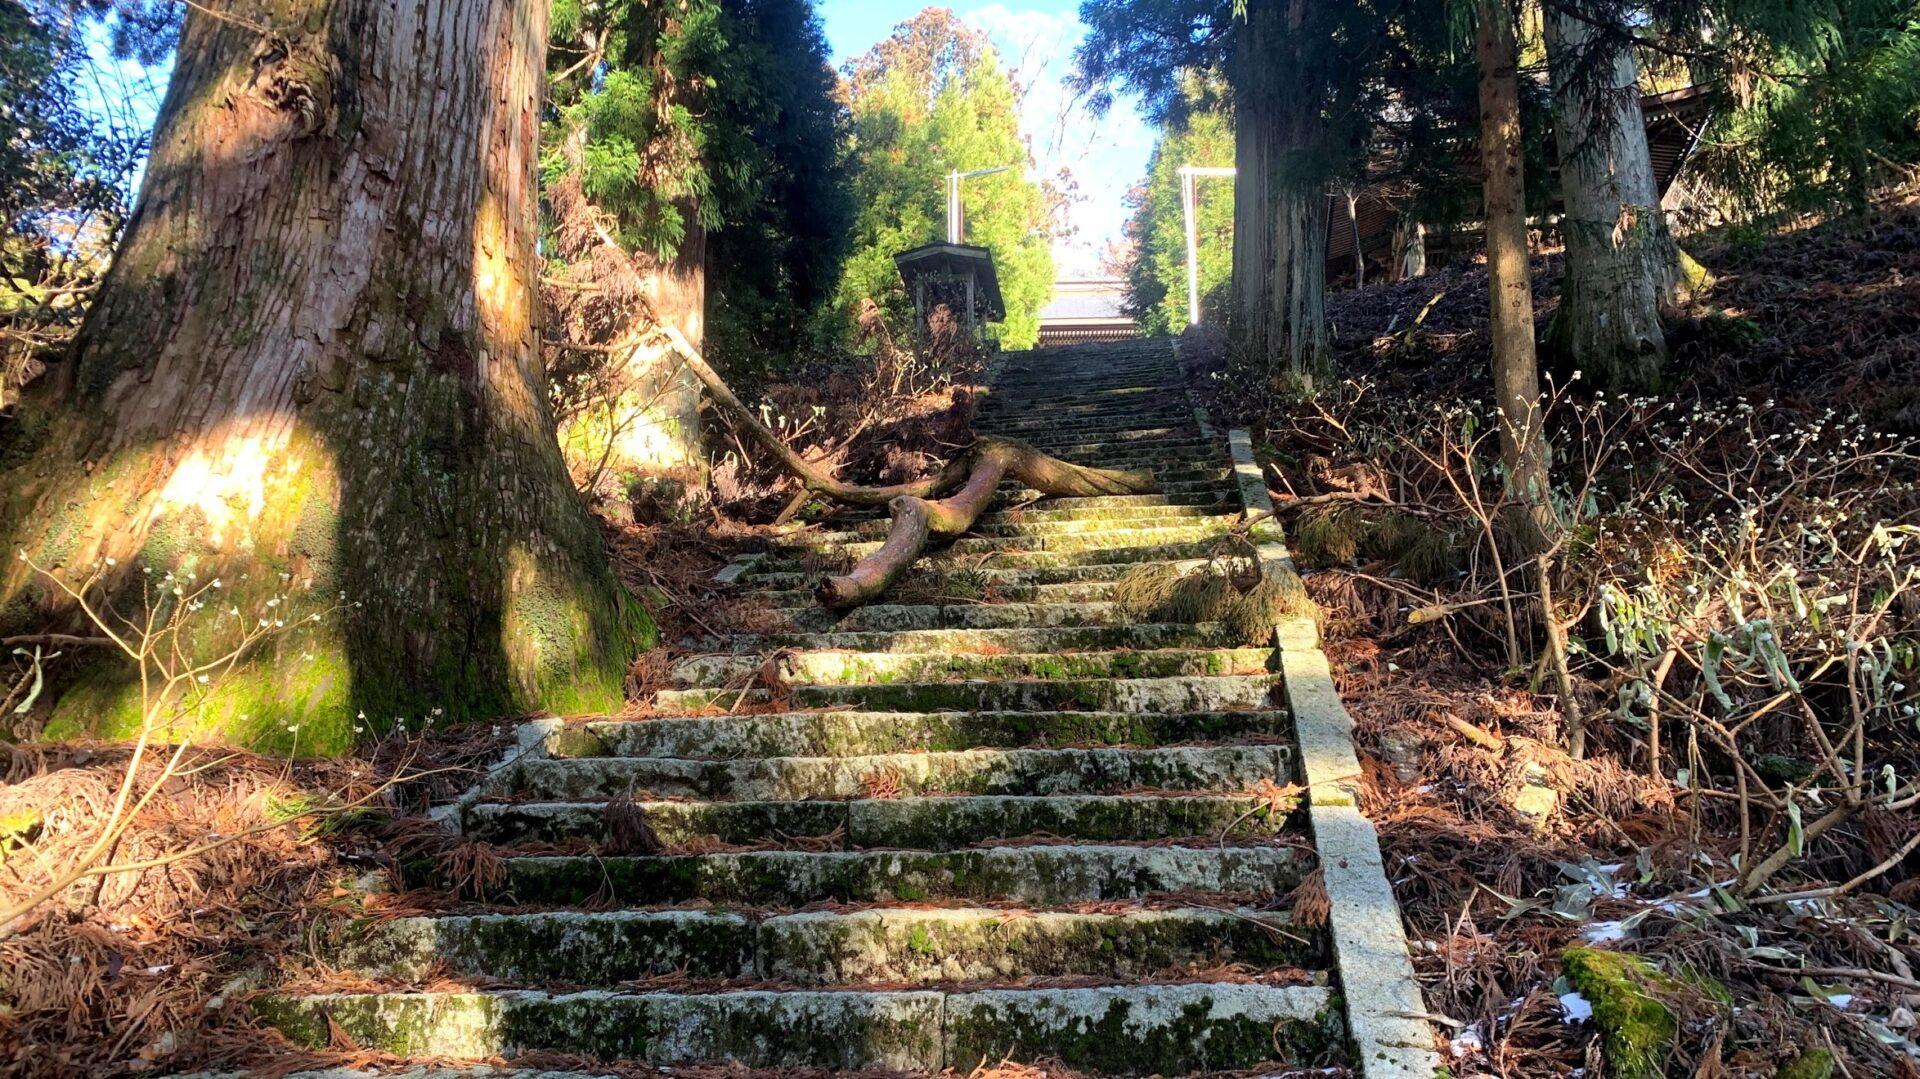 年末恒例の椿大神社⇔野登寺峠走で脚筋をいじめぬいてきました